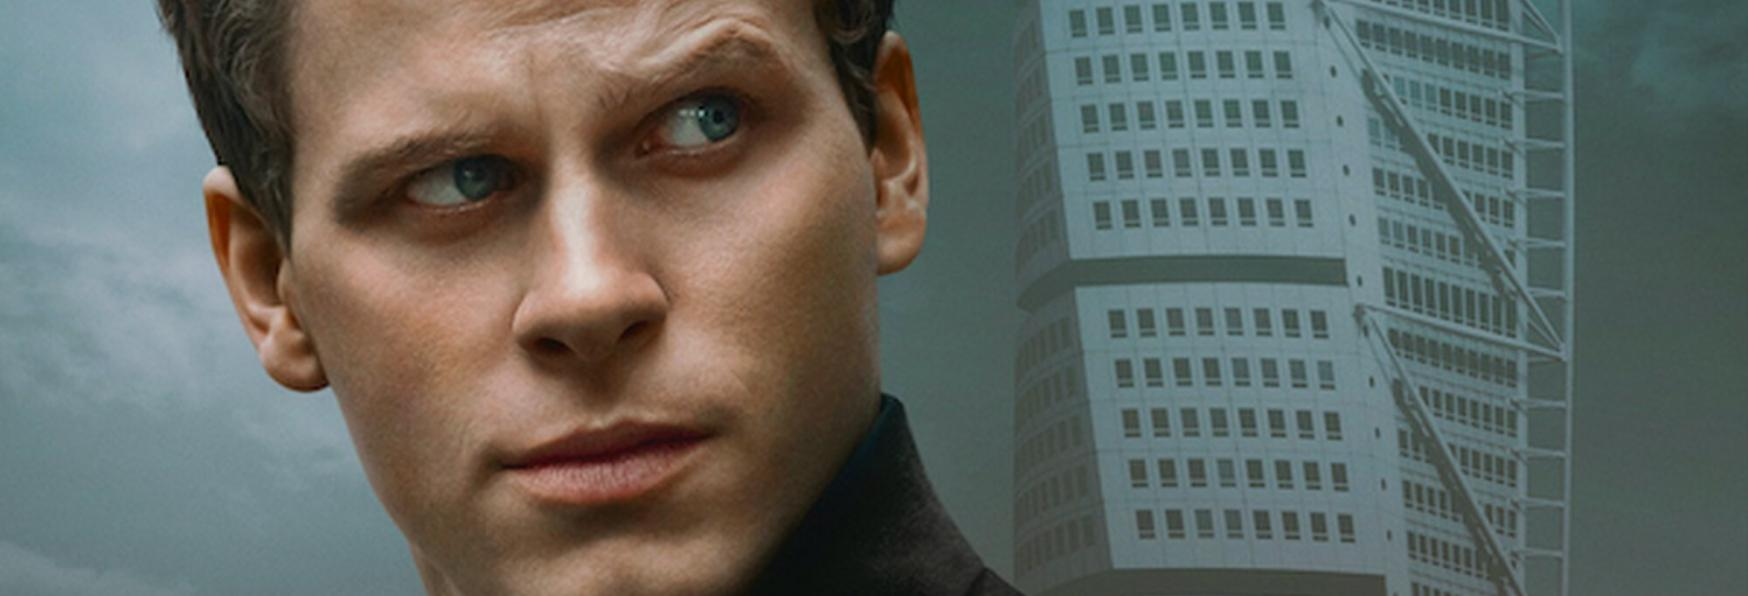 Young Wallander: Rilasciato il Trailer Ufficiale e la Data di Uscita della Serie TV targata Netflix